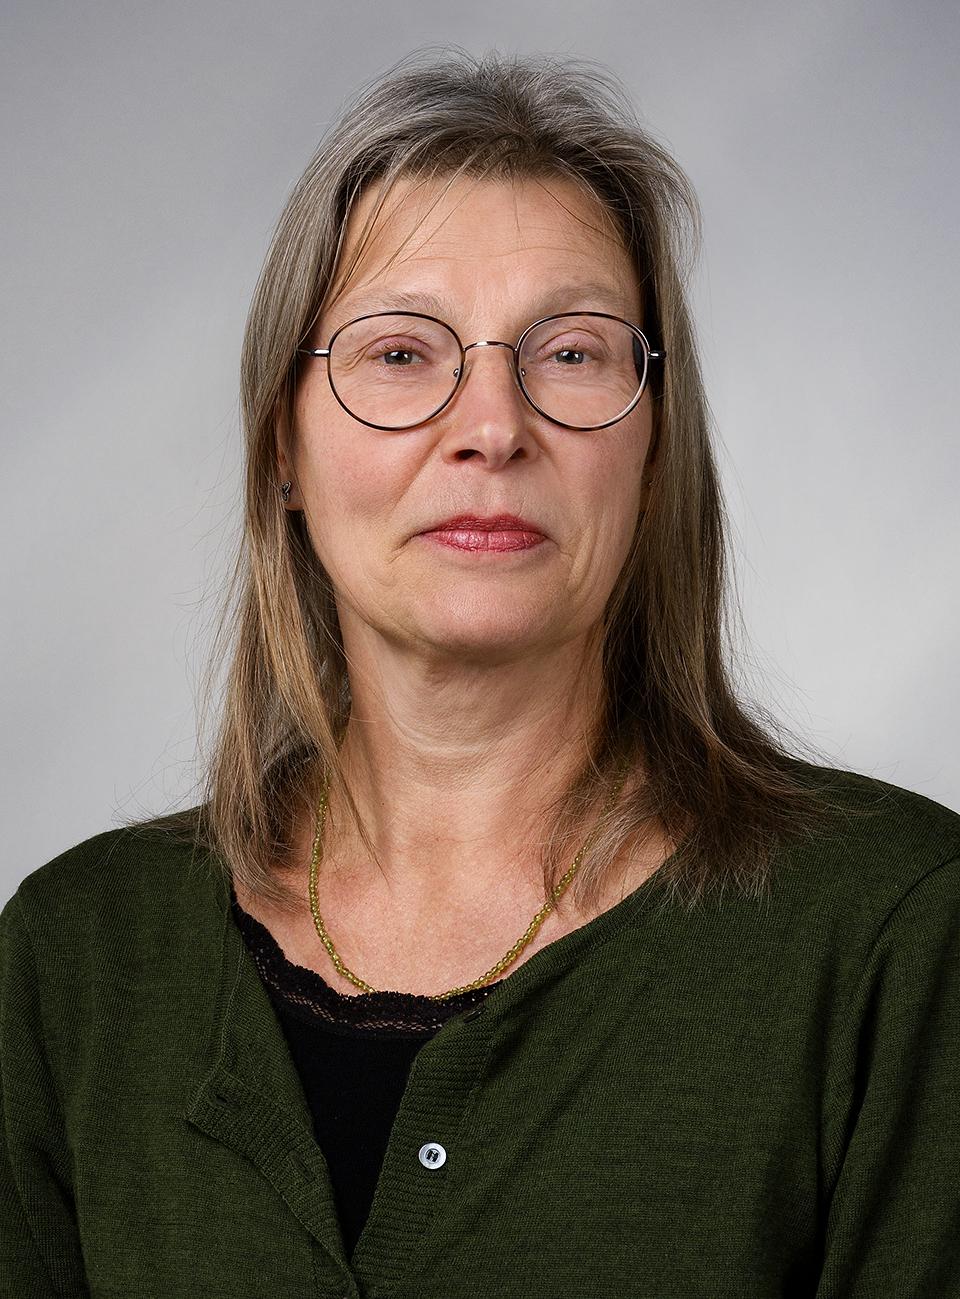 Harmonie in Körper, Geist und Seele - Ein Angebot von Margit Sigle Rannenberg in Ludwigsburg